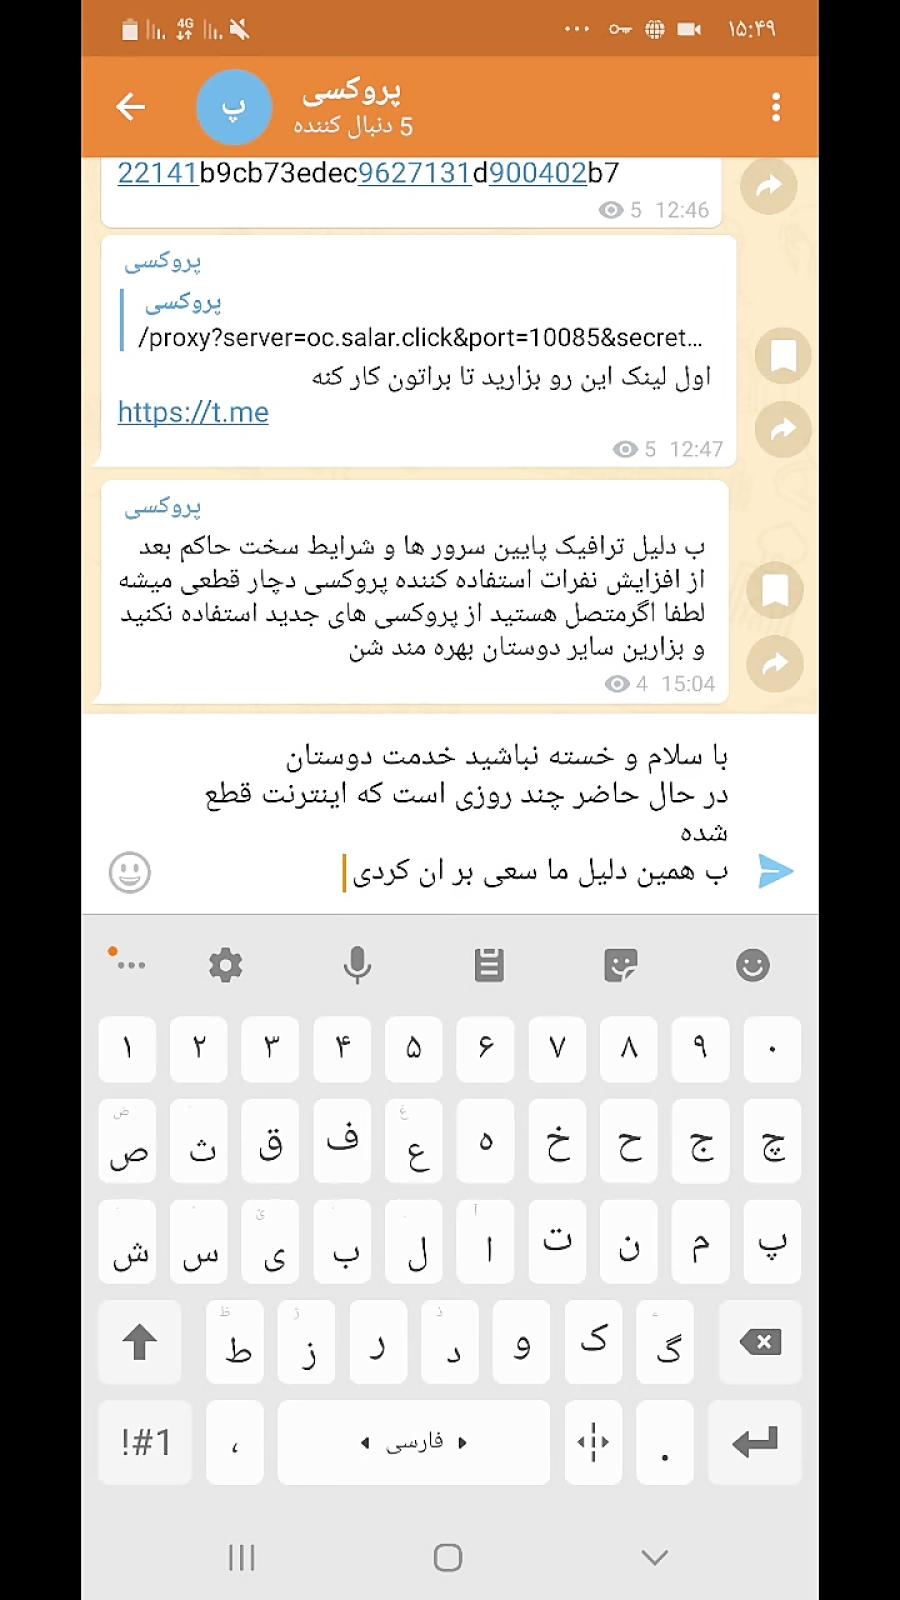 اتصال  اینترنت  خود ب تلگرام